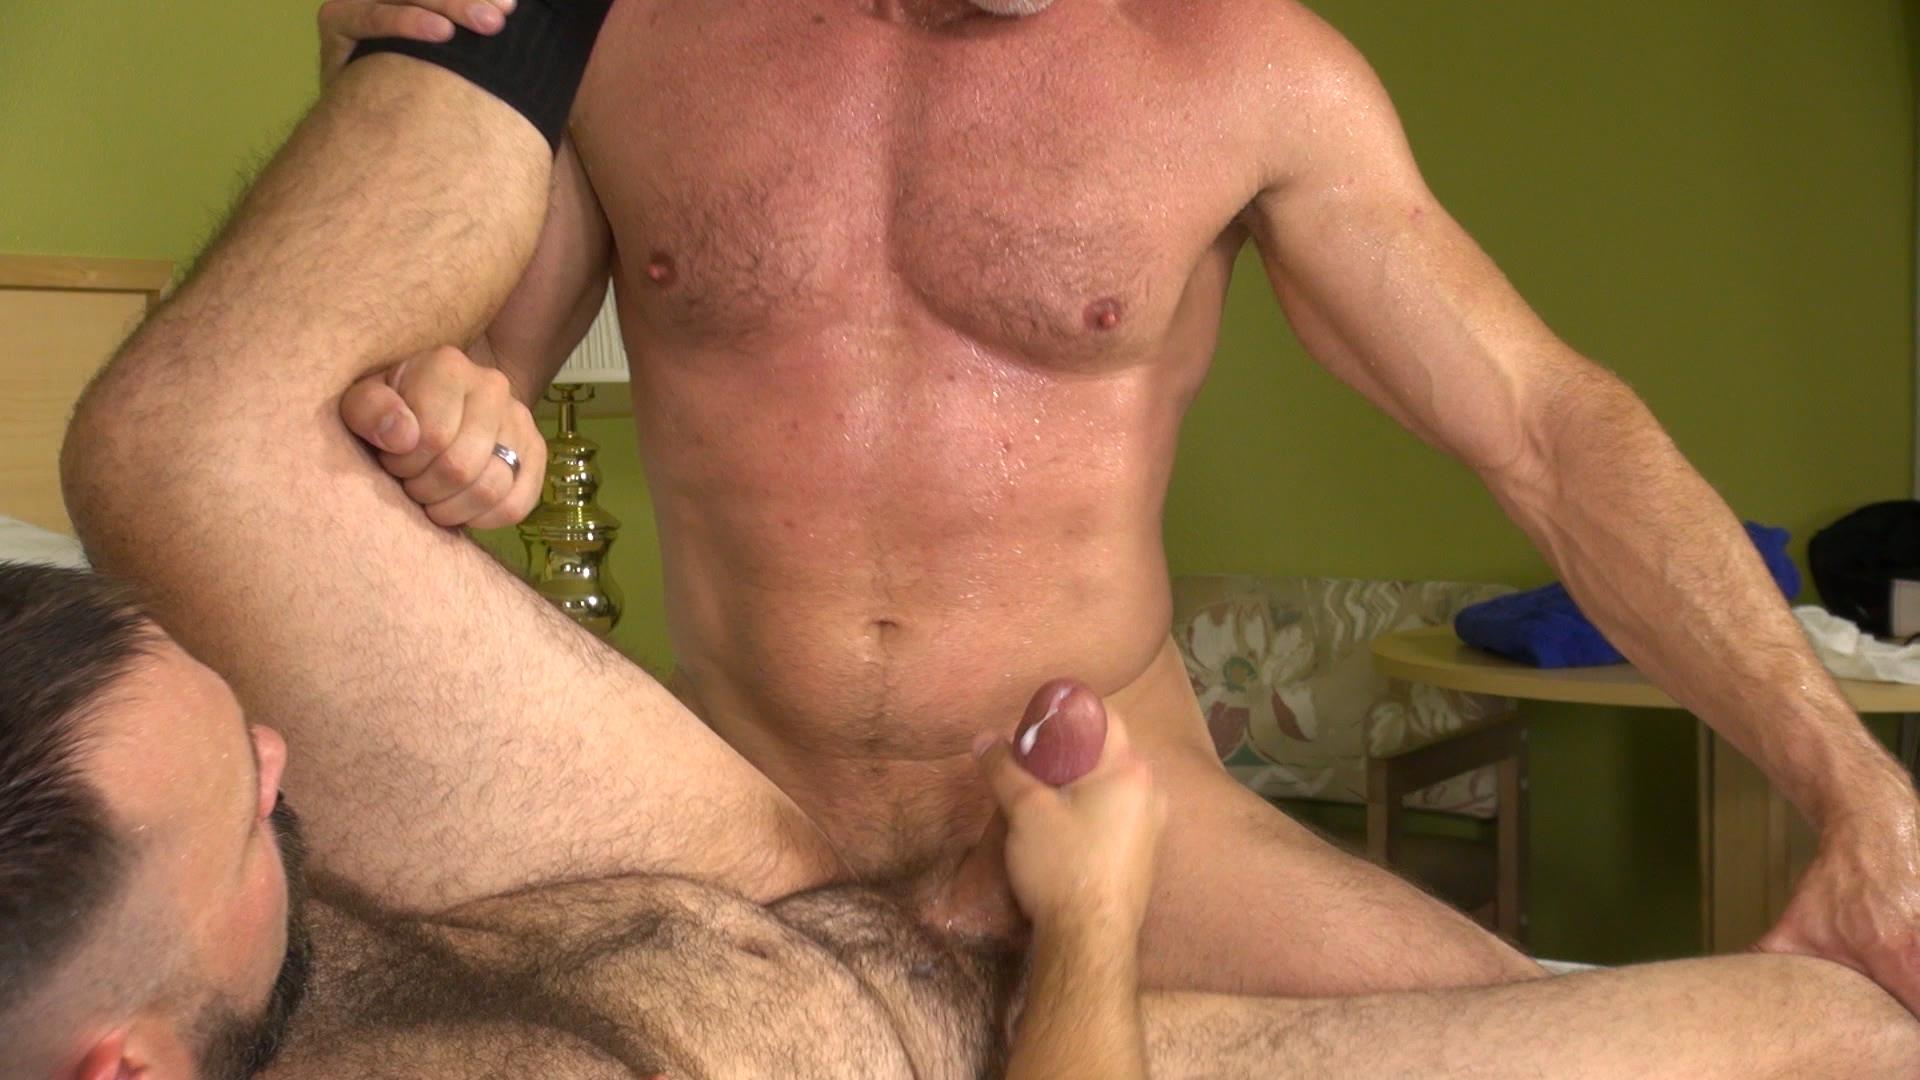 Amateur boy gay porn xxx stolen valor 6